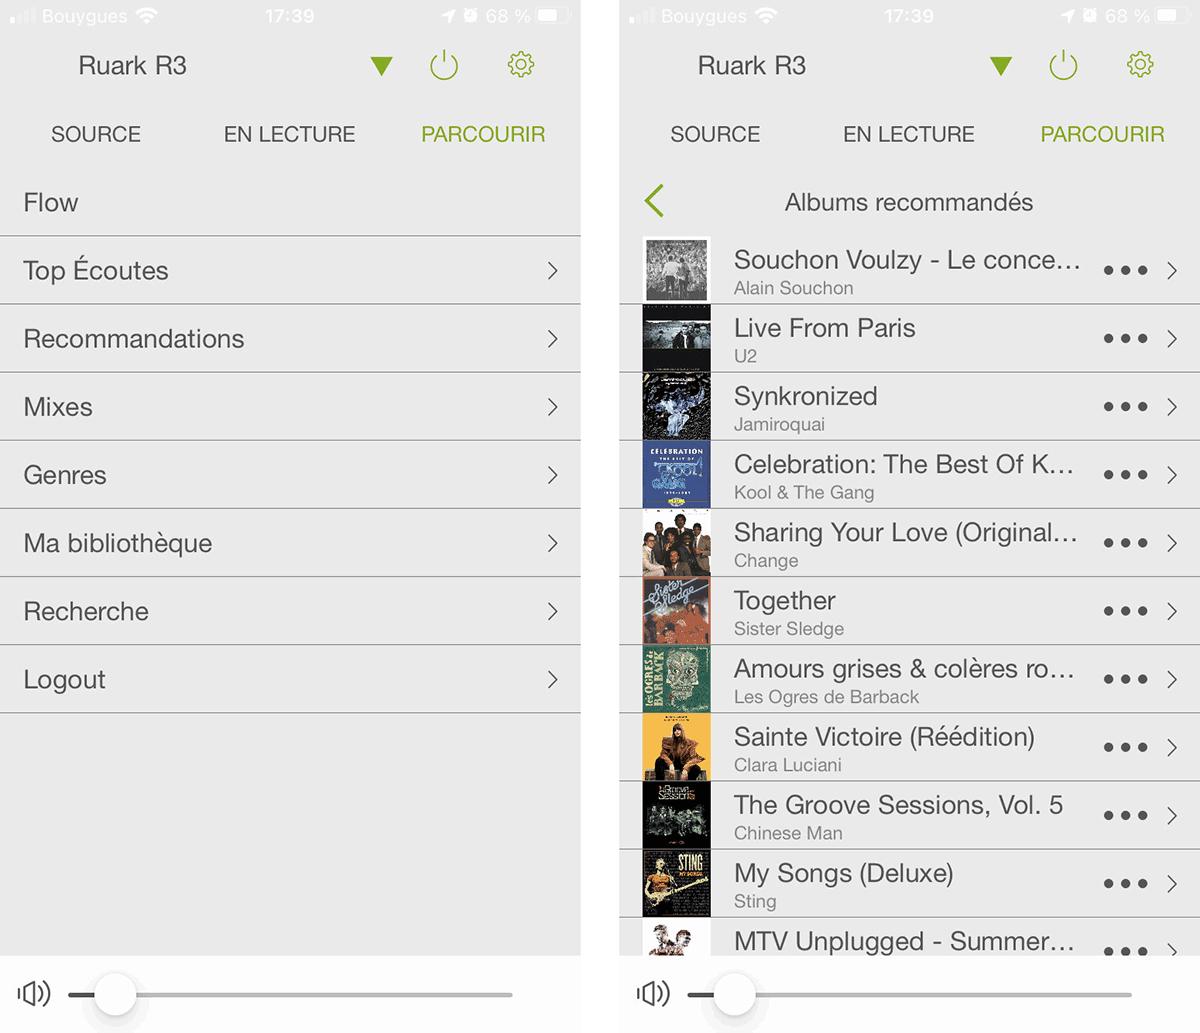 Lorsque Deezer est actif par exemple, l'écran « parcourir » liste toutes les fonctionnalités possibles du service musical.